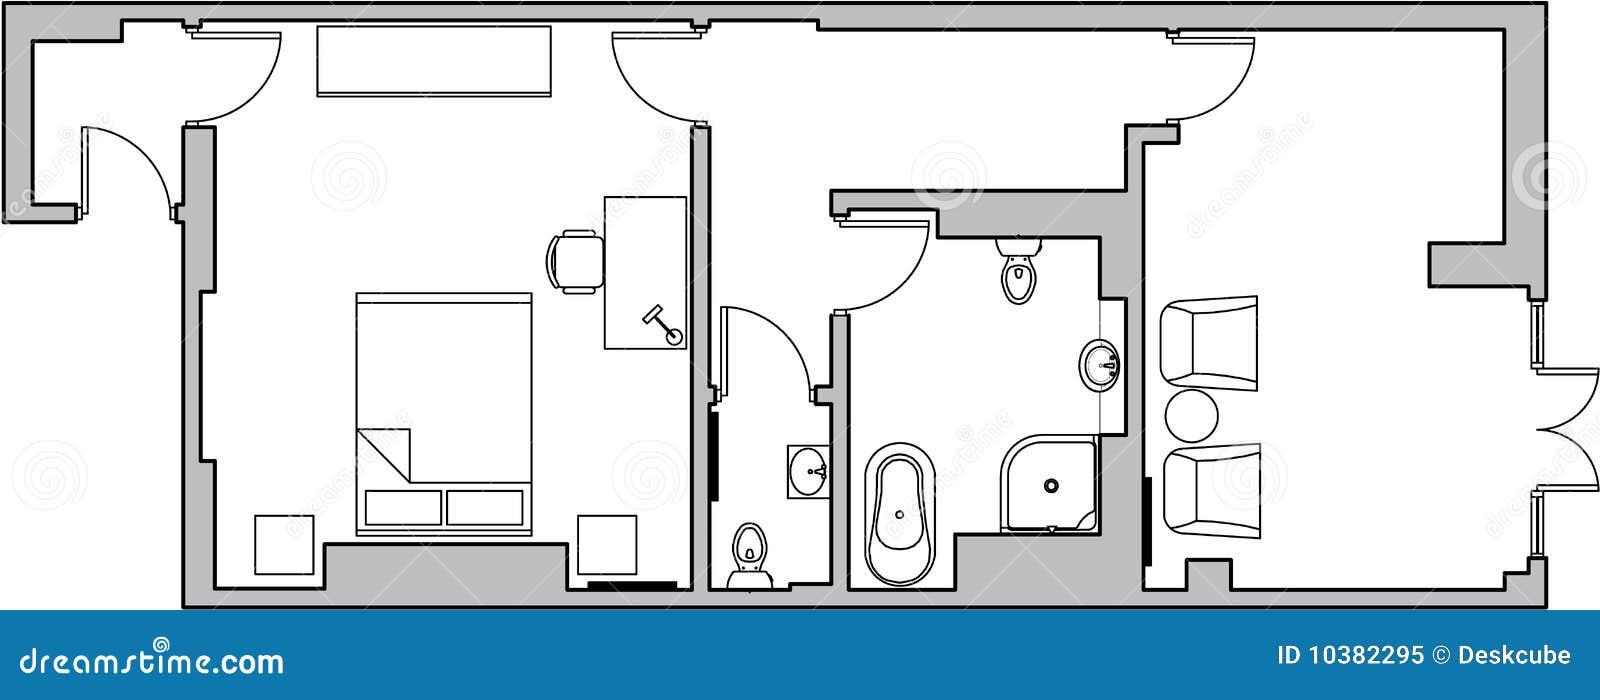 De Vloerplan Van De Architectuur Vector Illustratie